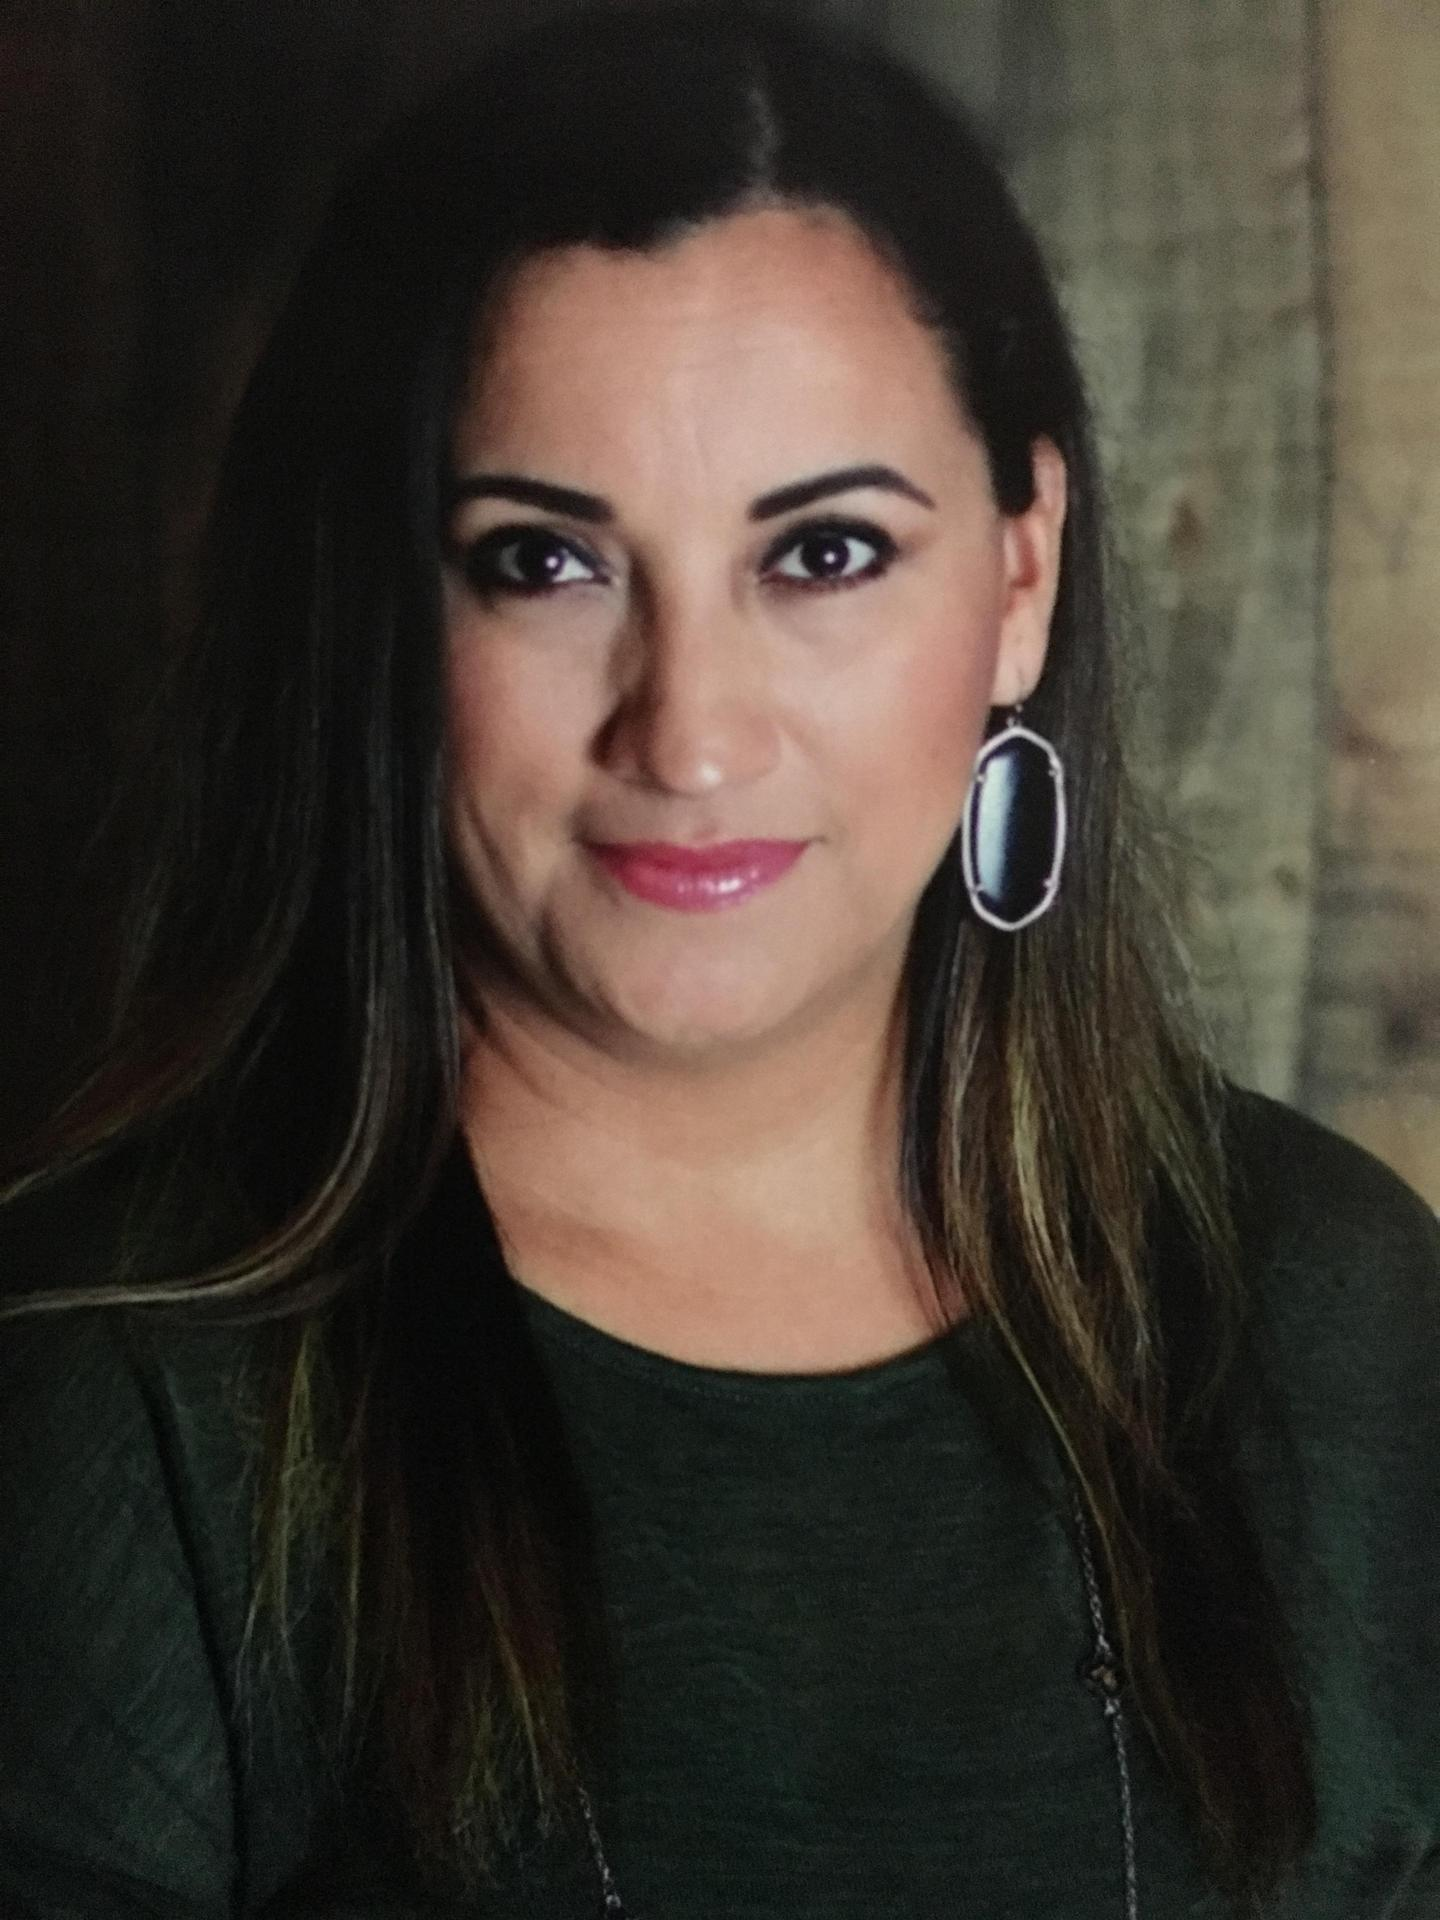 Mrs. Virginia Salcedo